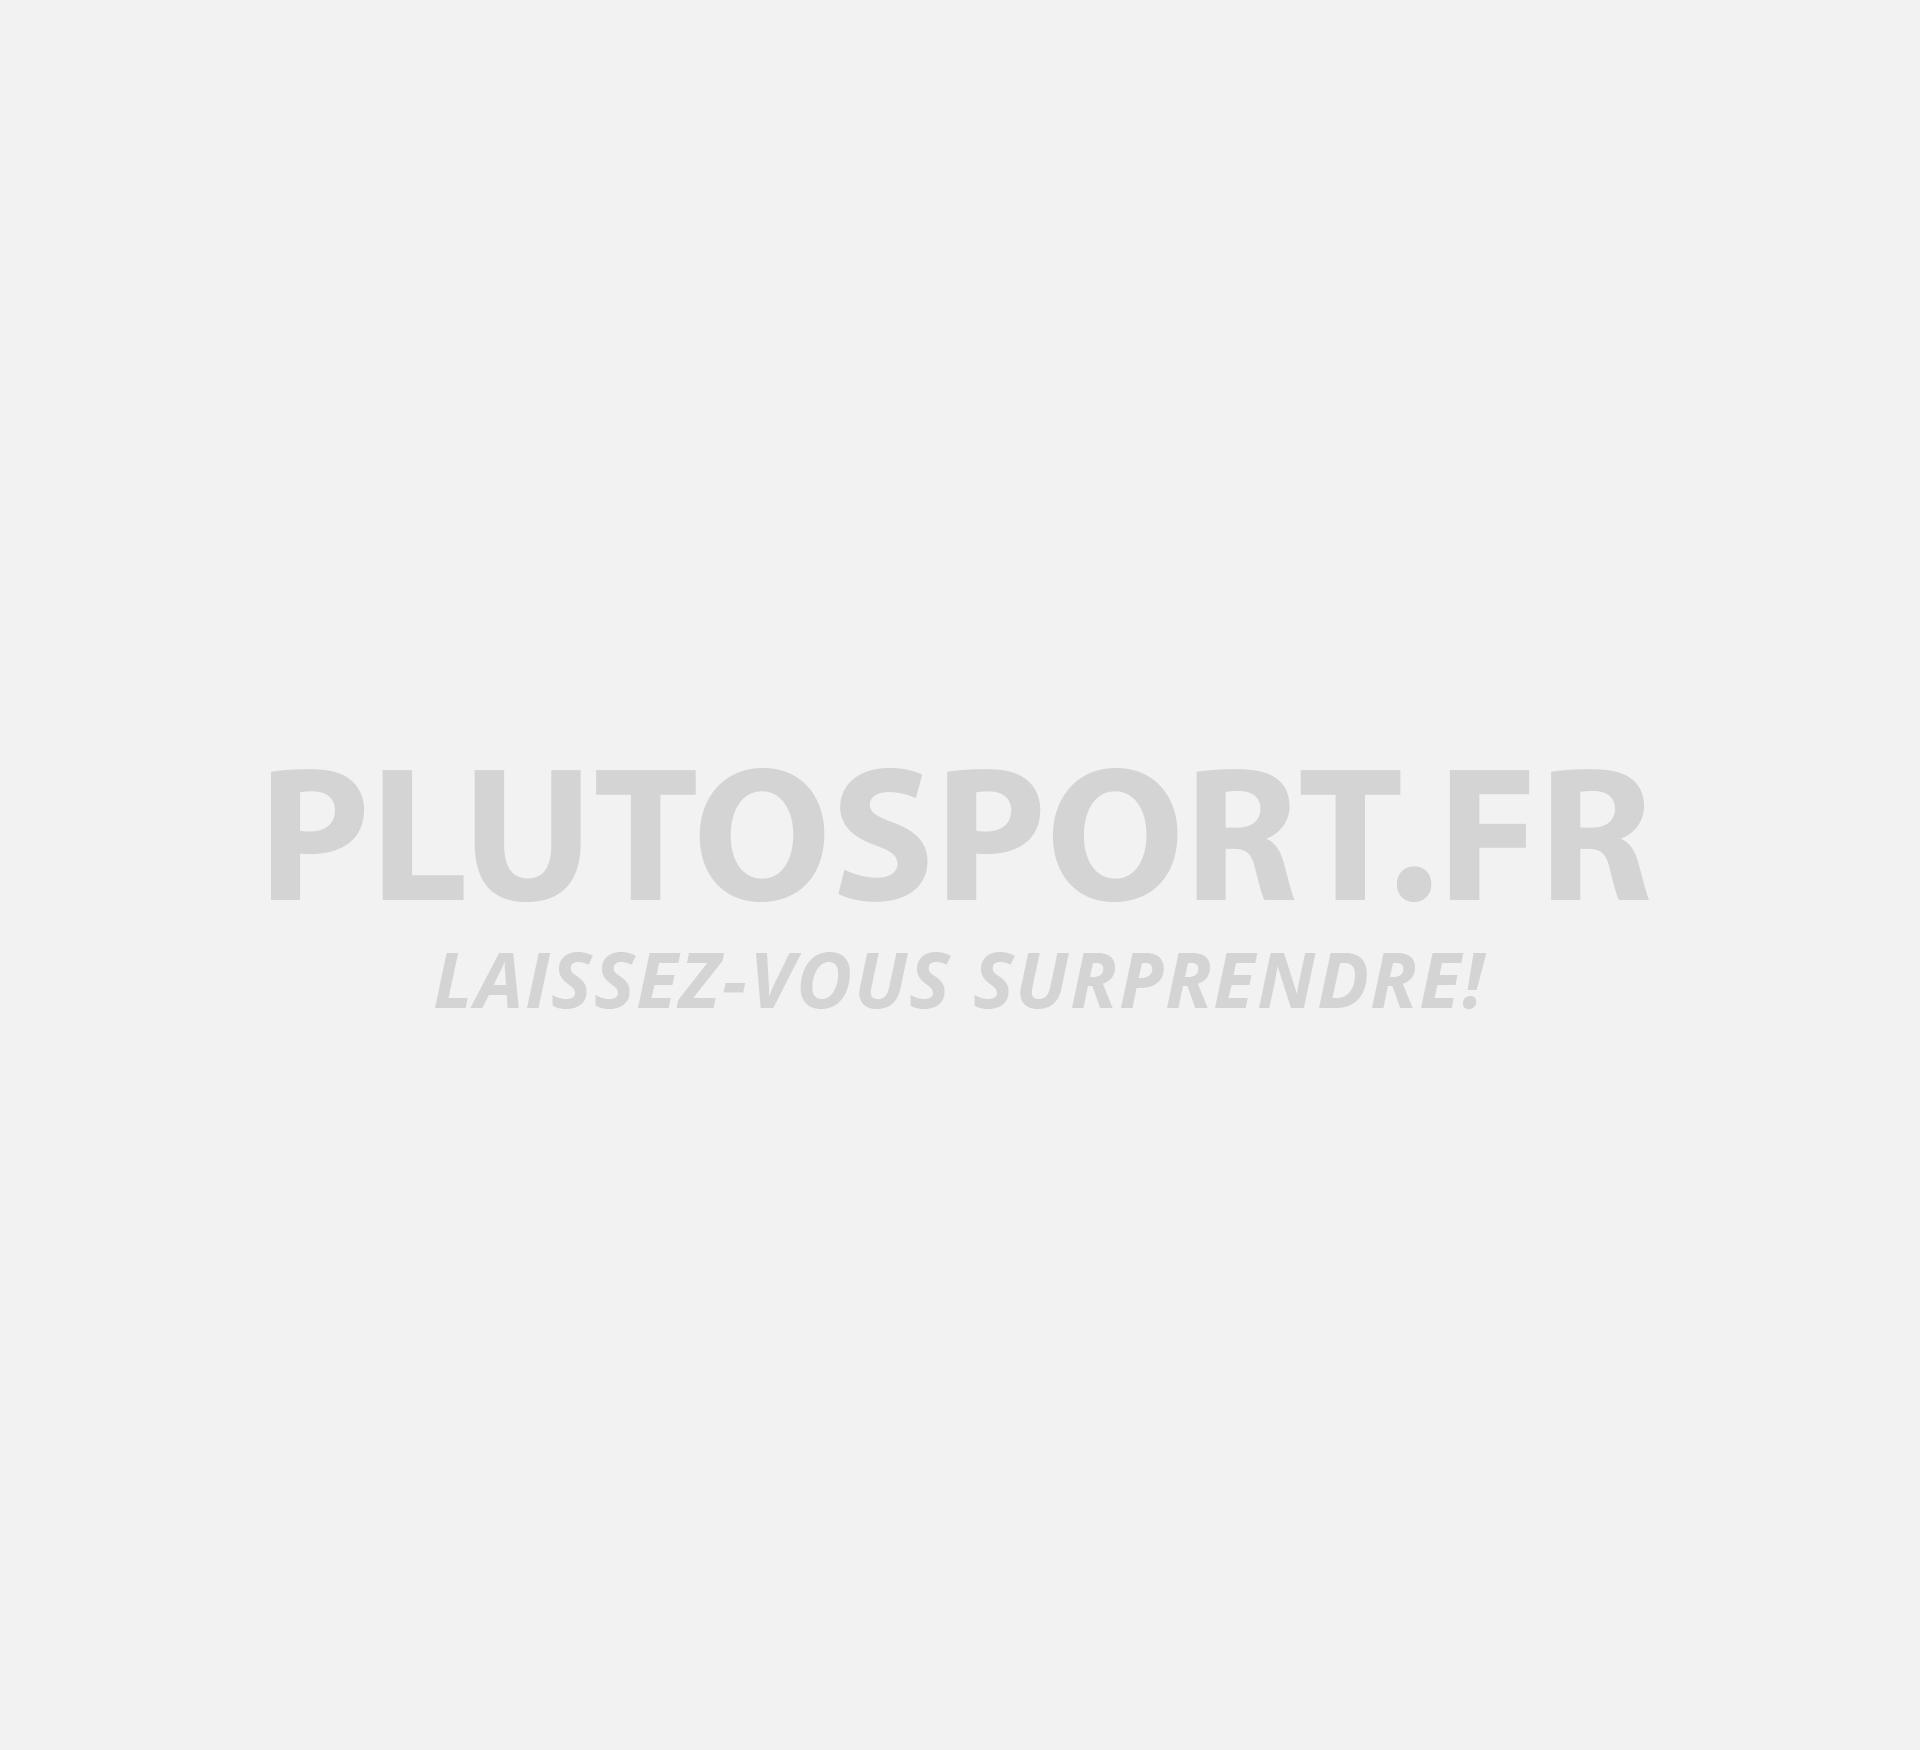 Adidas Predator 19.1 FG (Homme) au meilleur prix Comparez